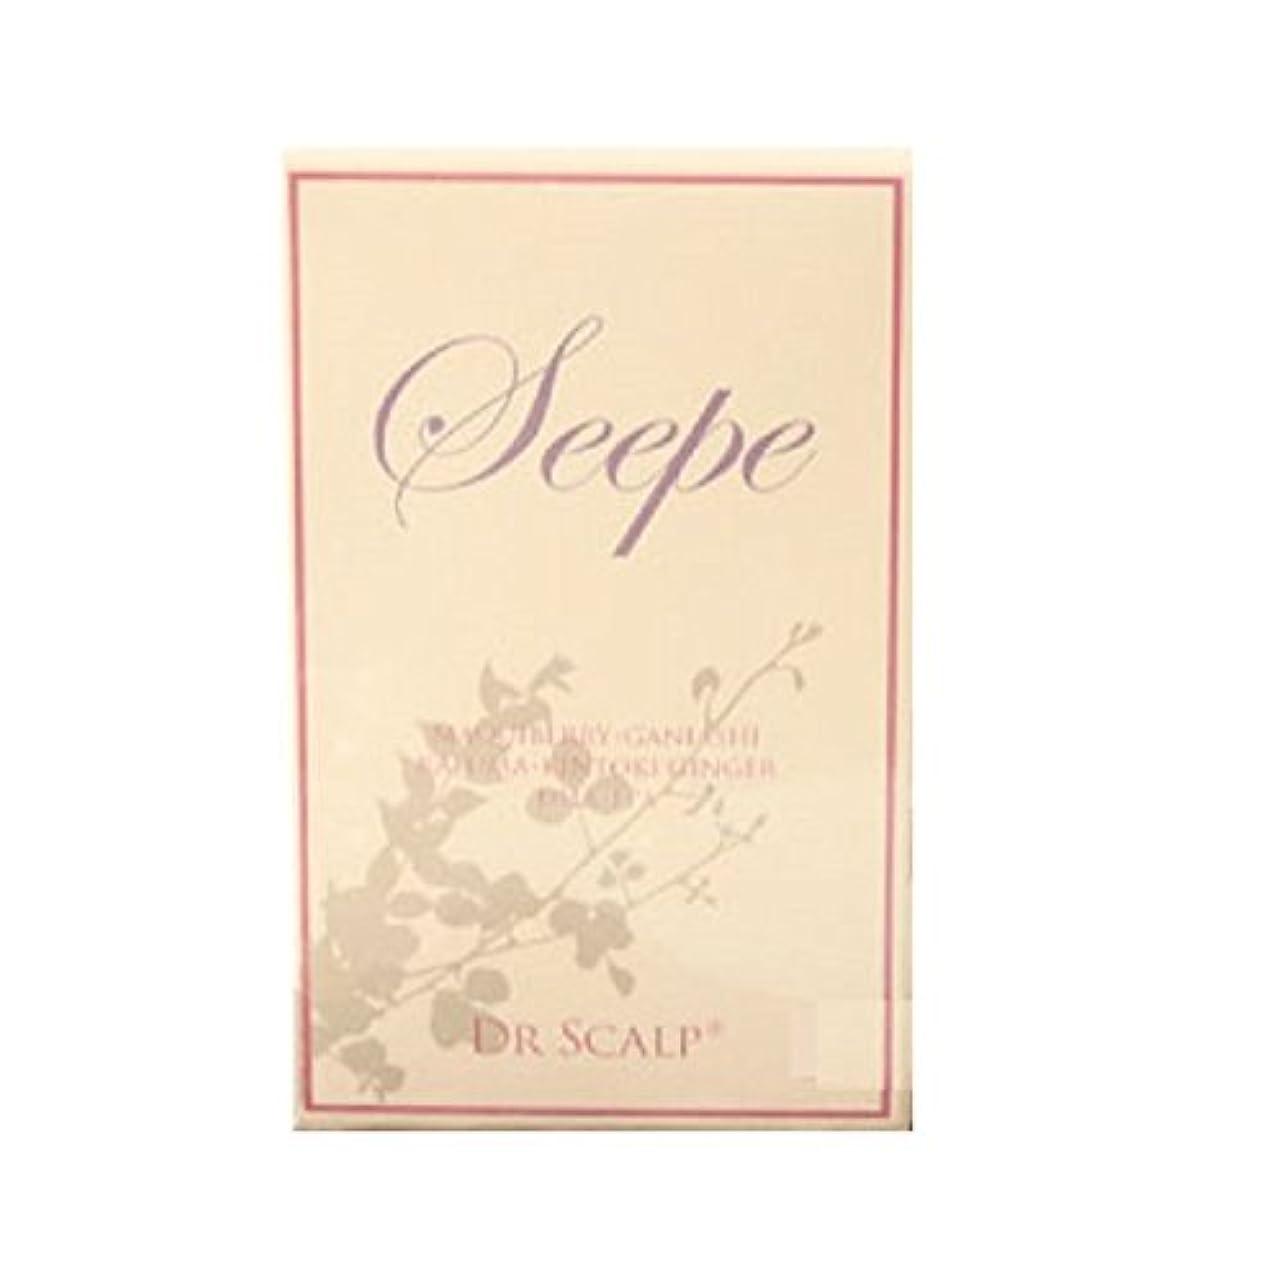 コンペ病的ディスコドクタースカルプ DR.SCALP(ドクタースカルプ)SEEPE(シープ) (サプリメント)※プロジェクトサプリメントのリニューアル商品です《60粒》